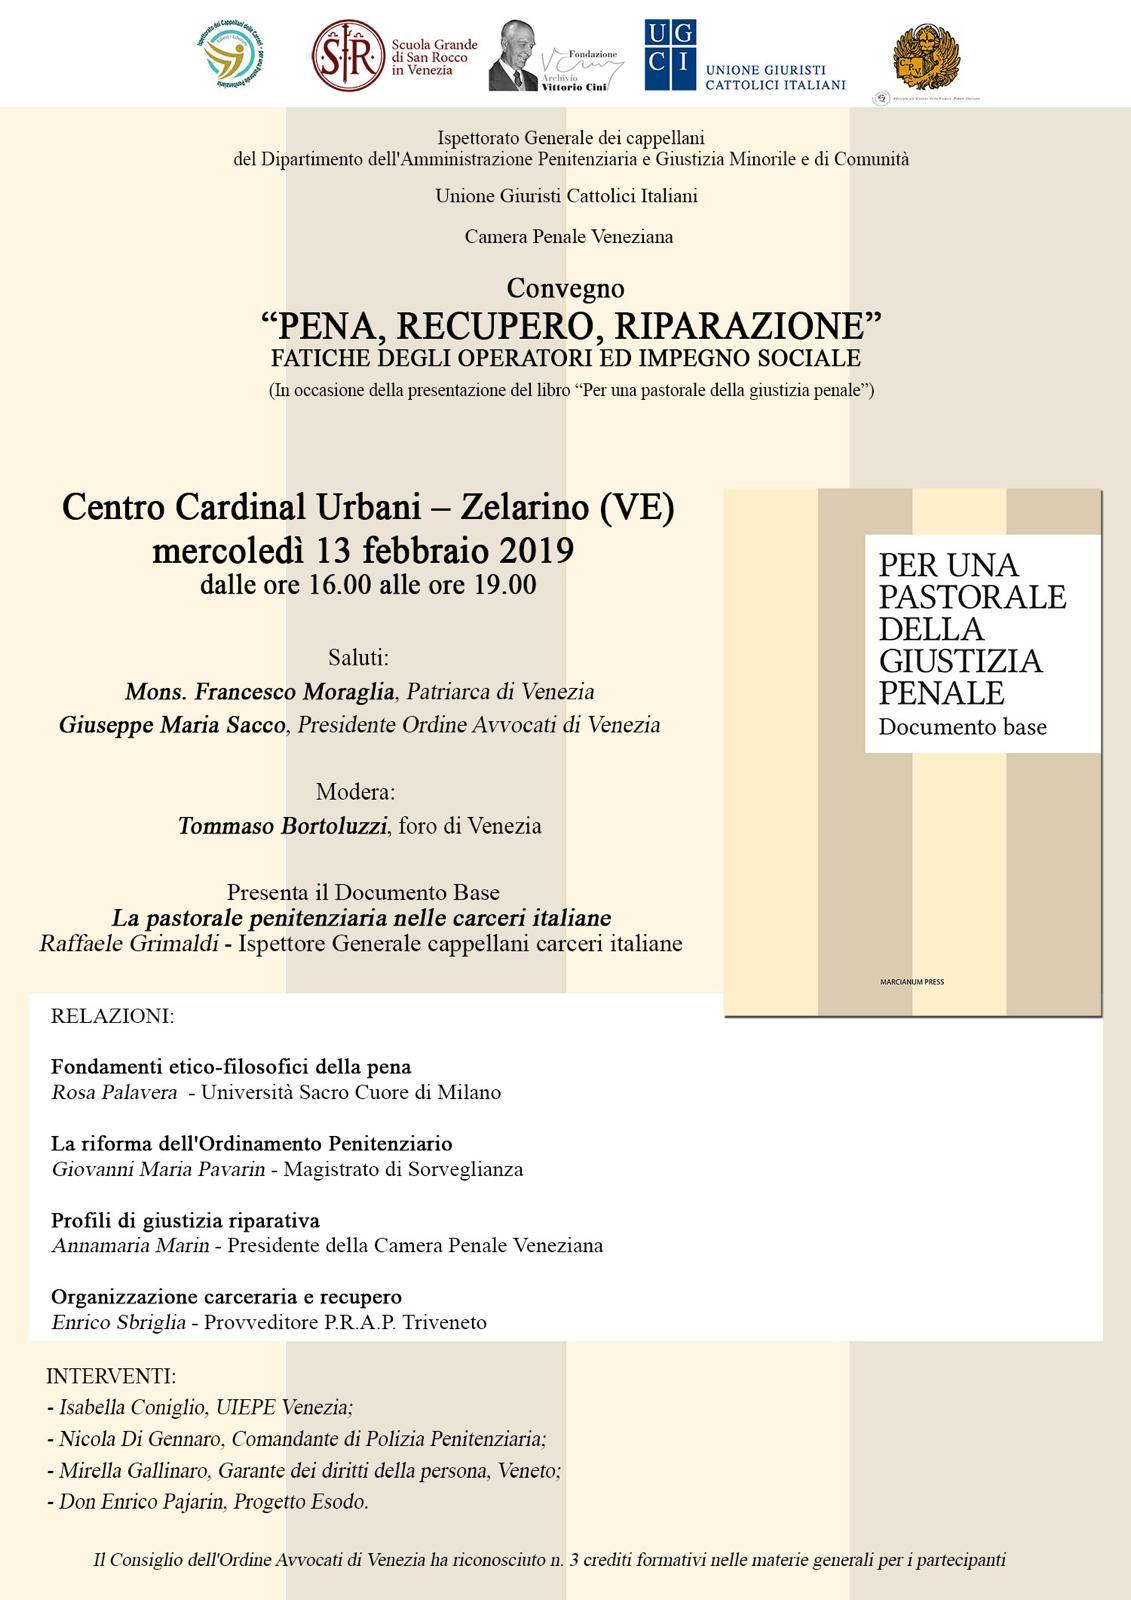 Convegno Pena, recupero, riparazione - 13/02/2019